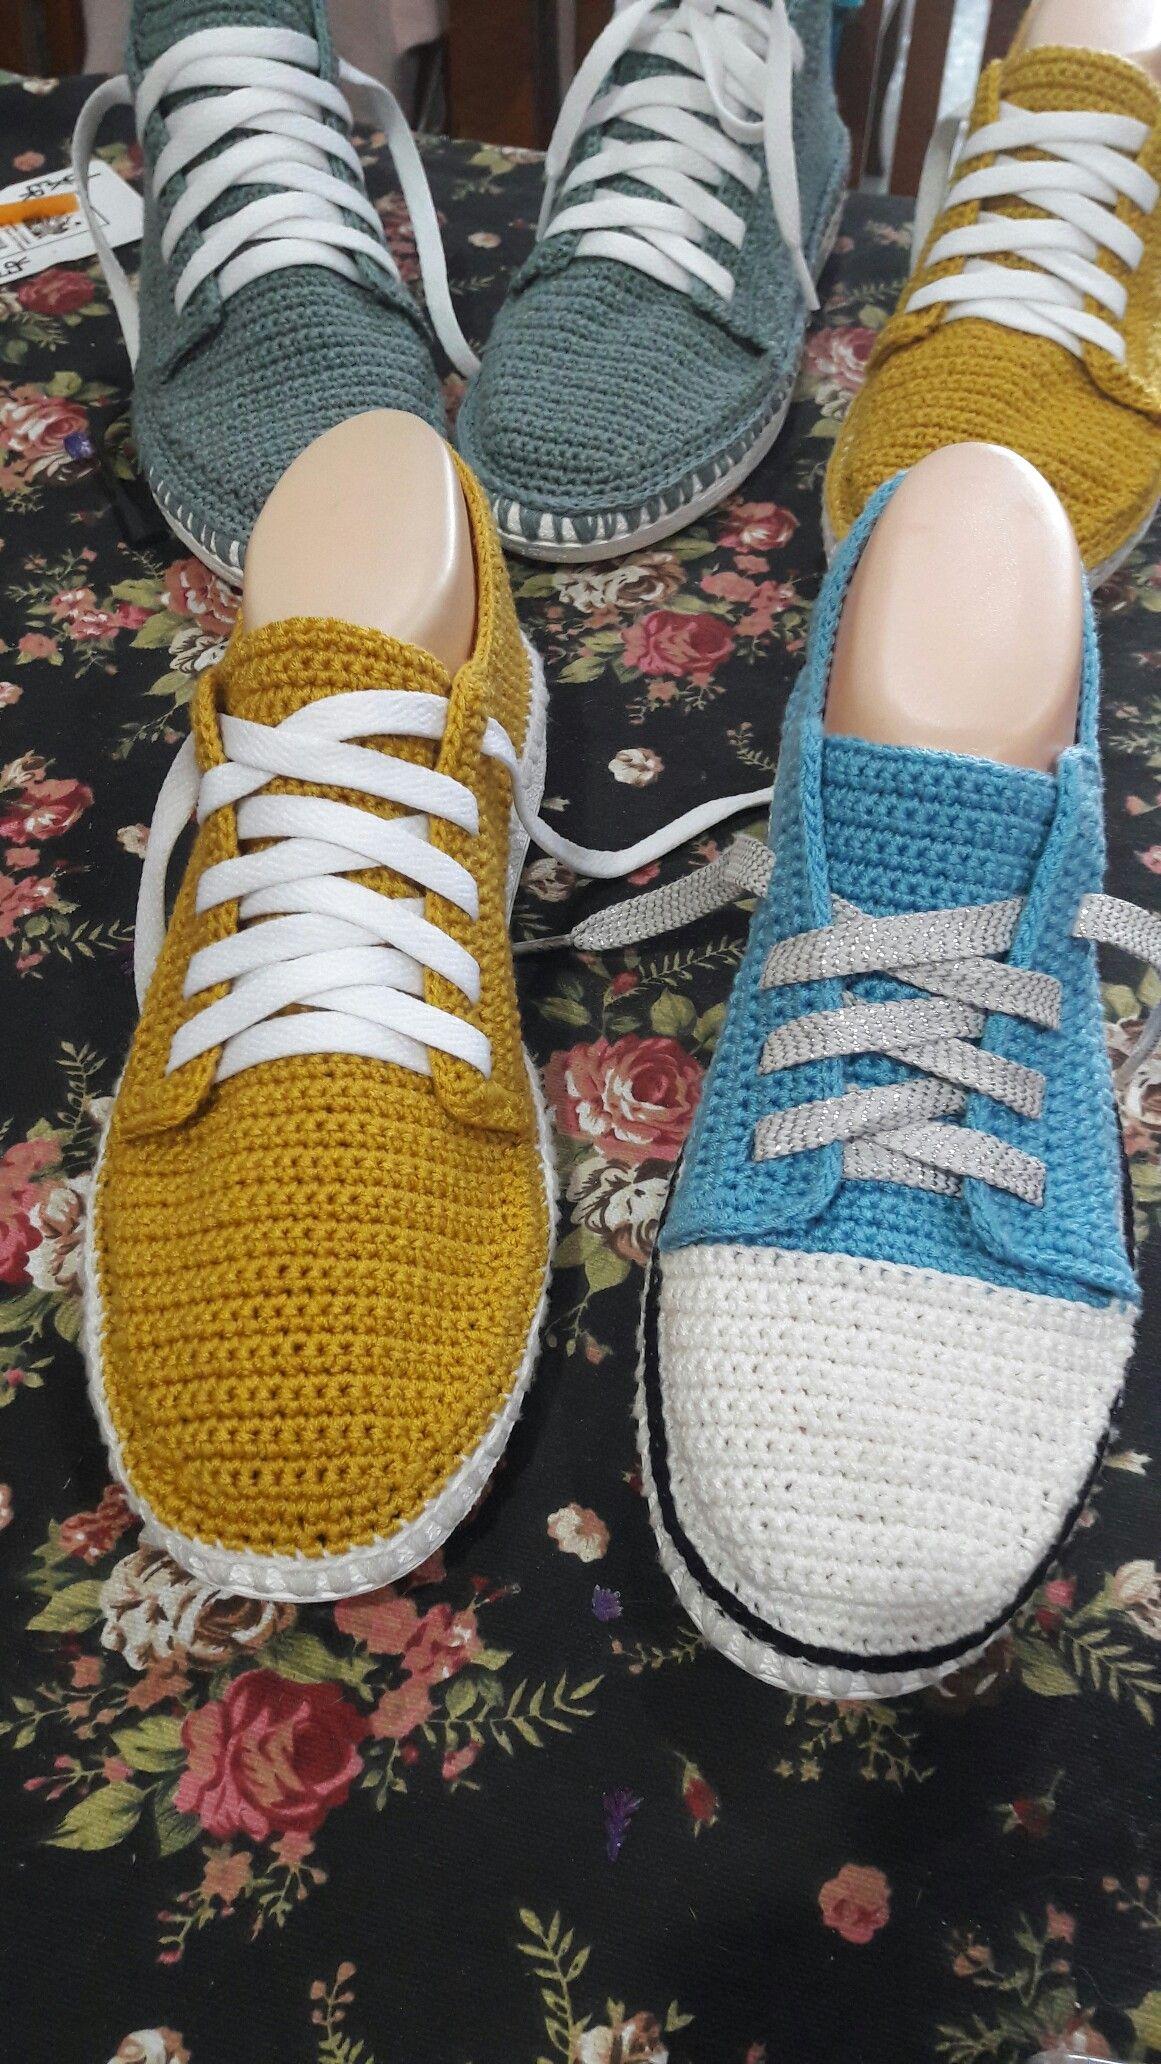 Pin de Ivy Eb en shoes | Pinterest | Zapatos tejidos, Zapatos y Tejido